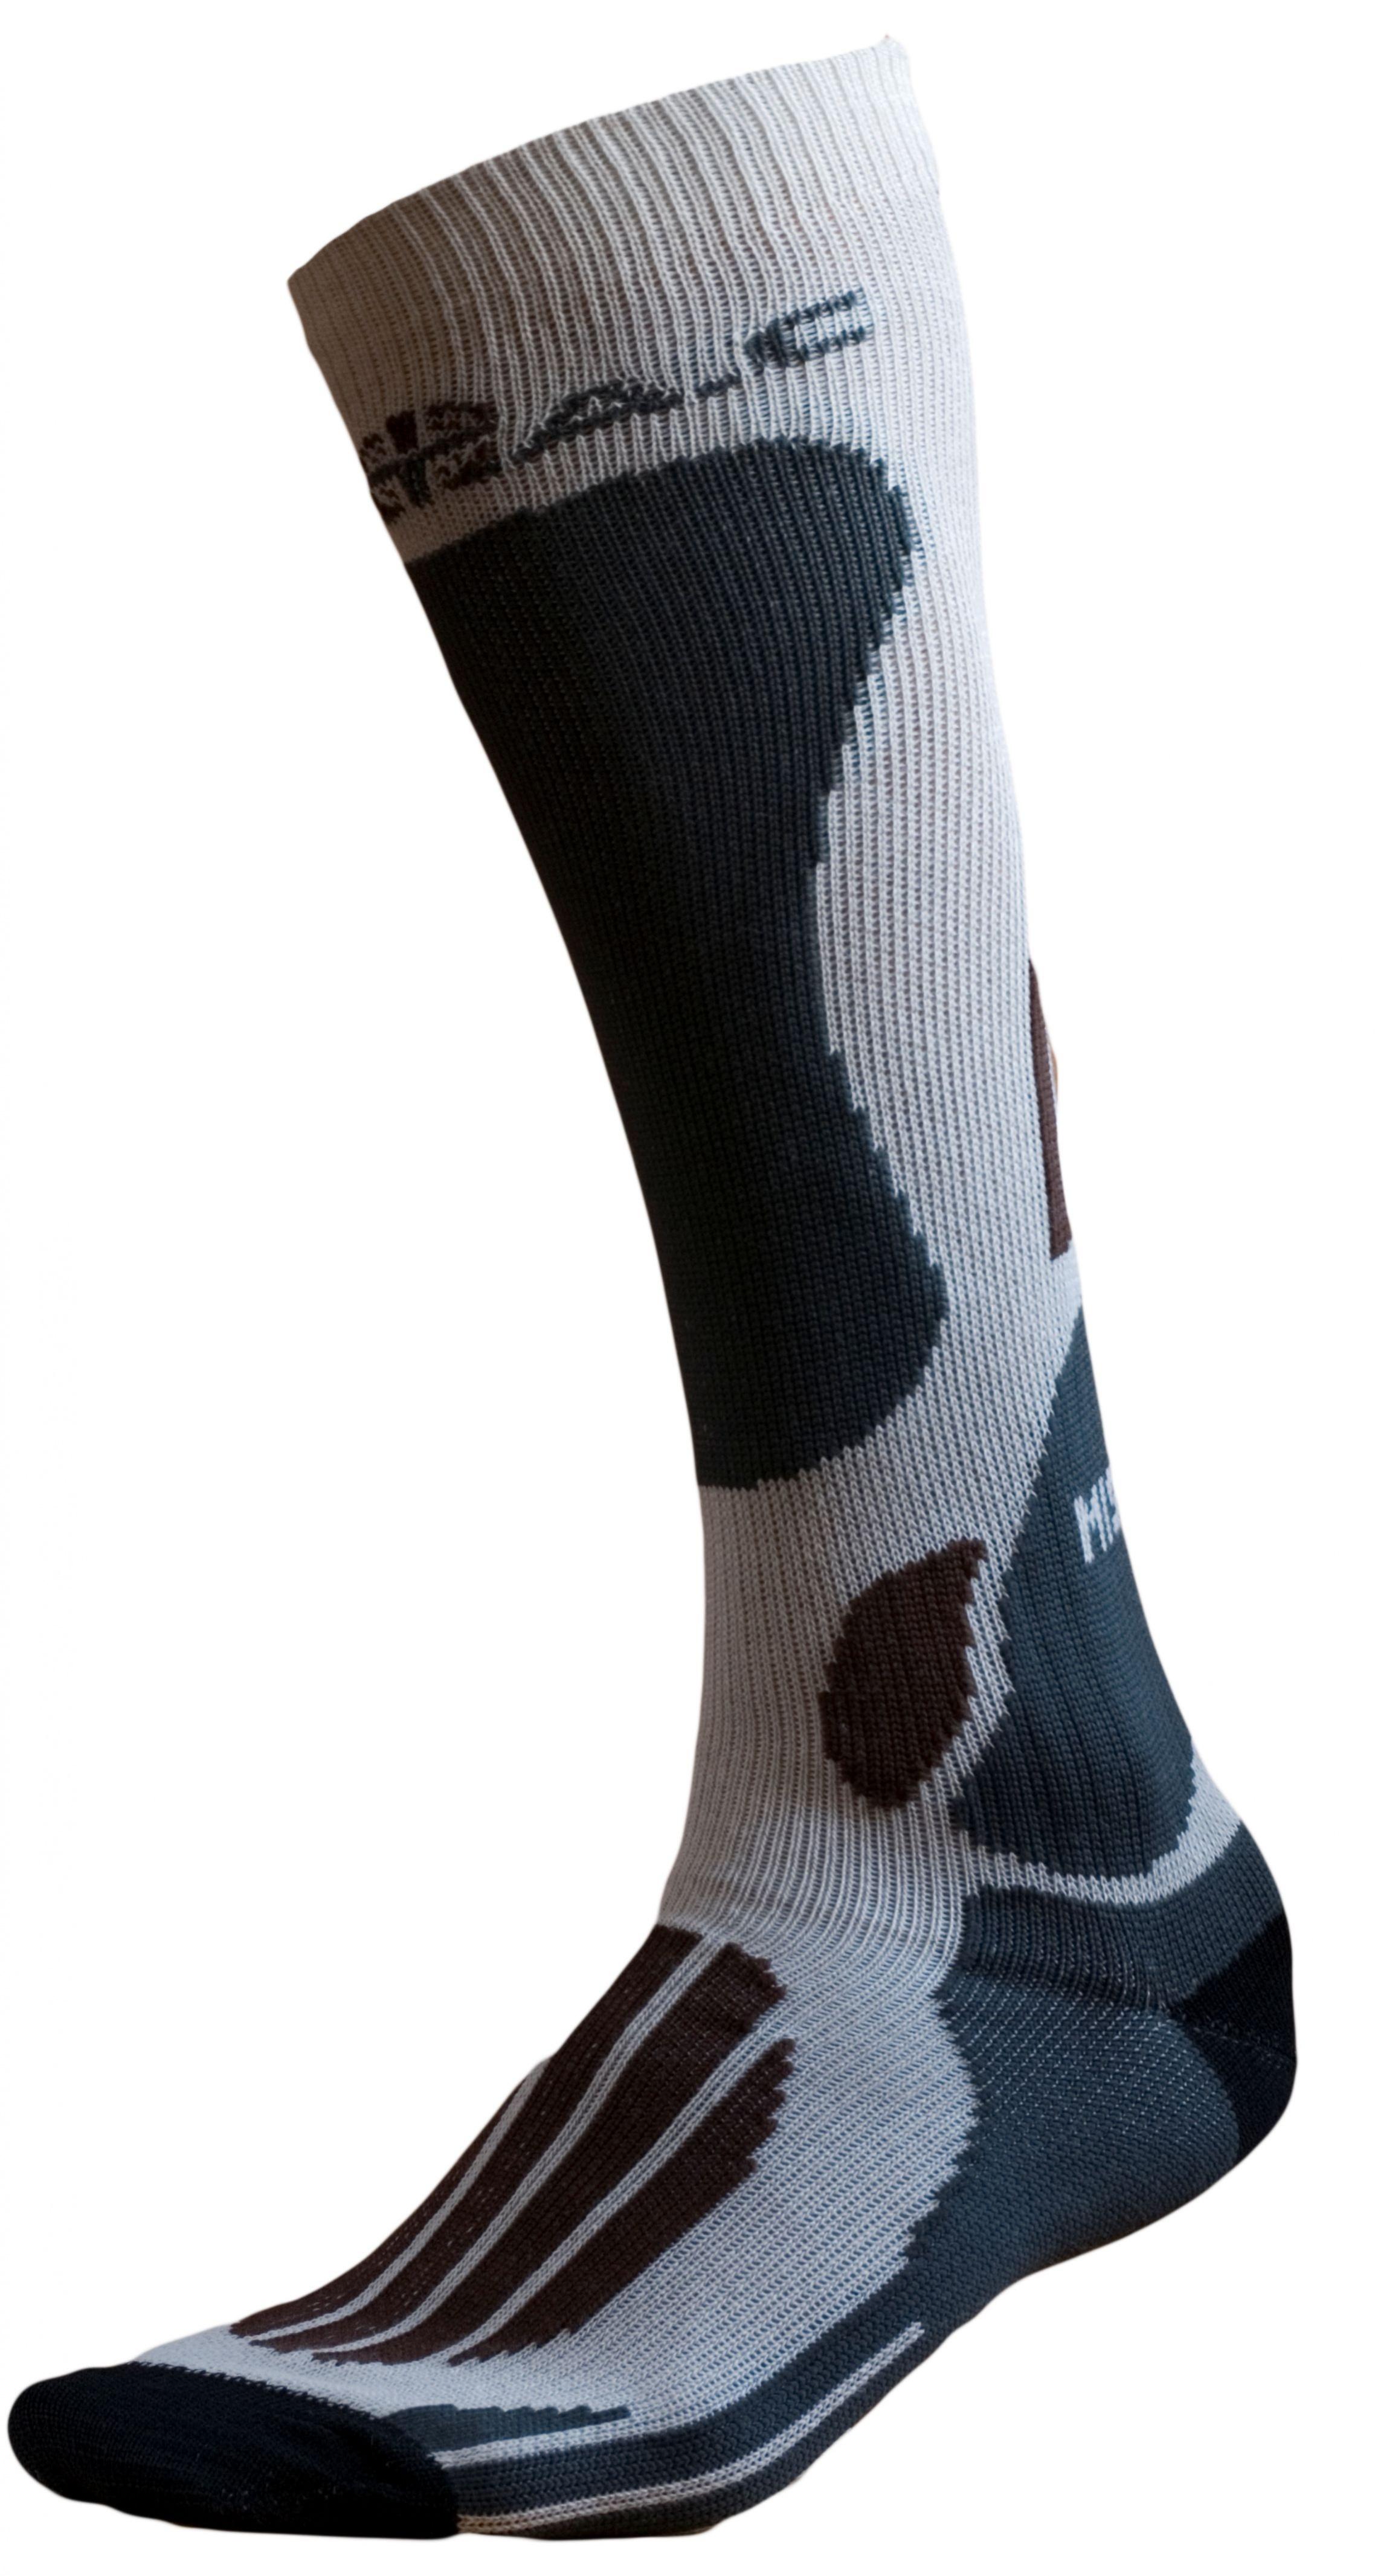 Ponožky BATAC Mission MI13 vel. 42-43 - brown